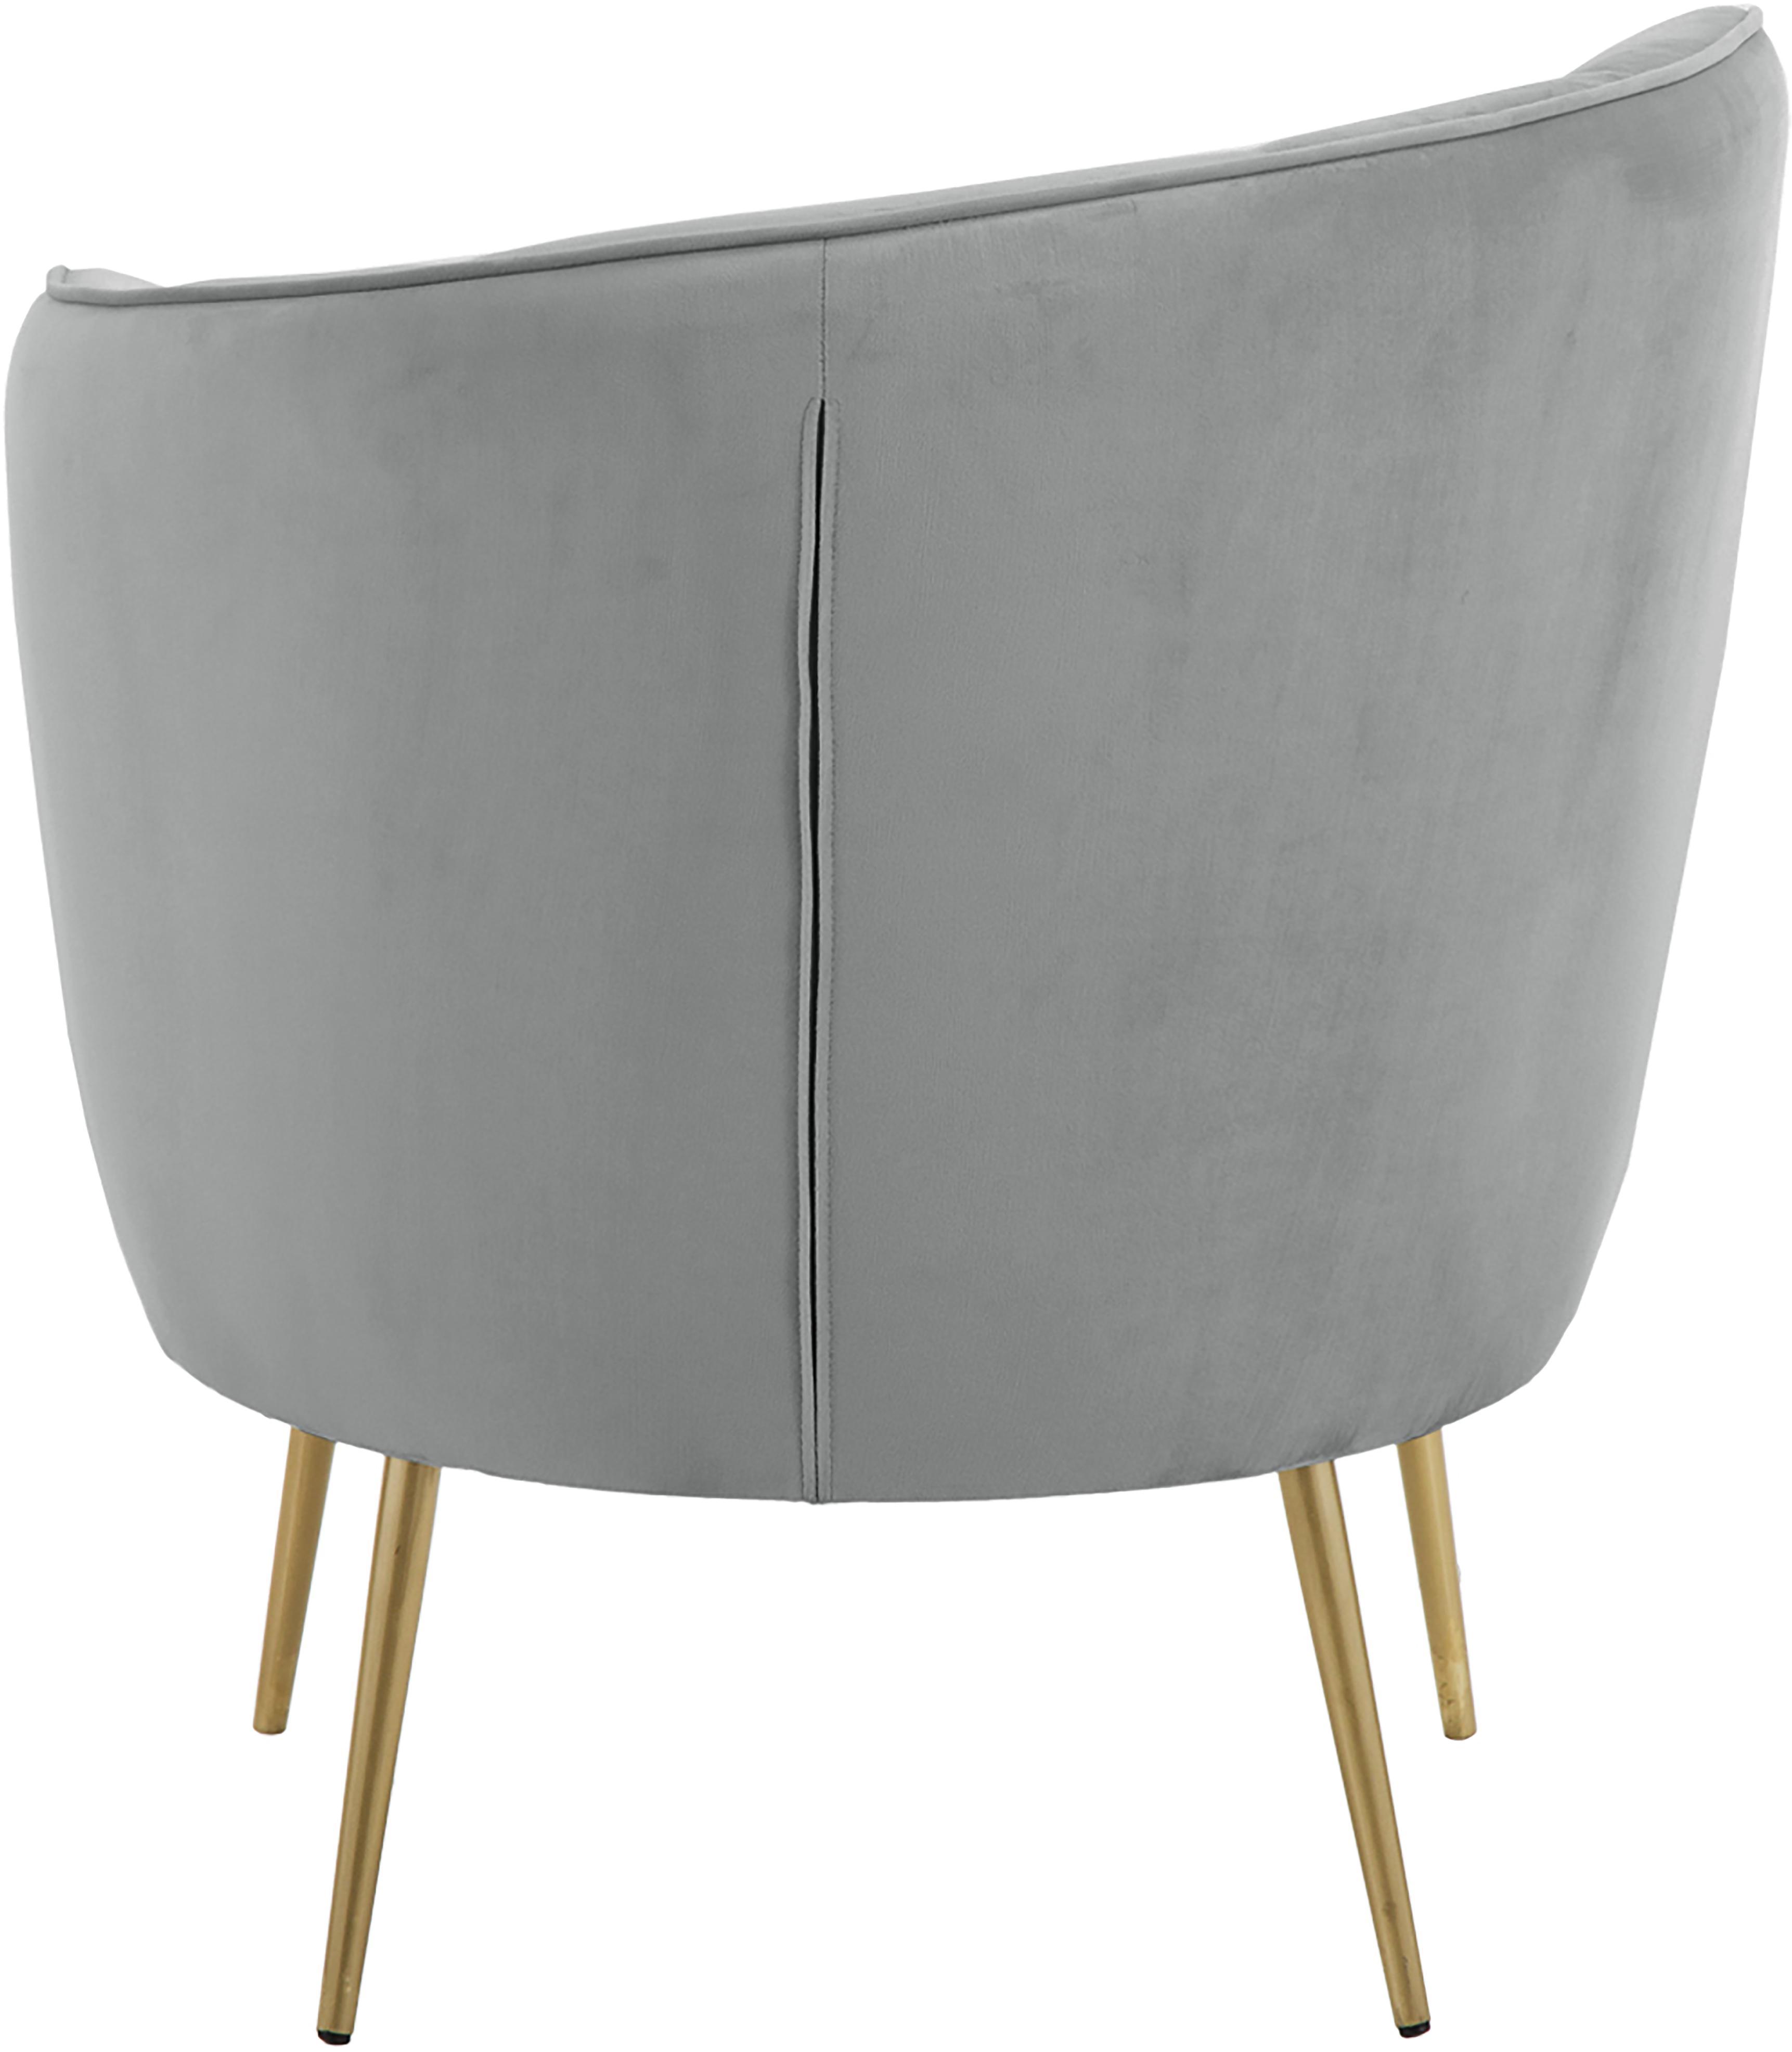 Fauteuil en velours gris clair Louise, Revêtement: gris Pieds: couleur dorée, brillant brossé